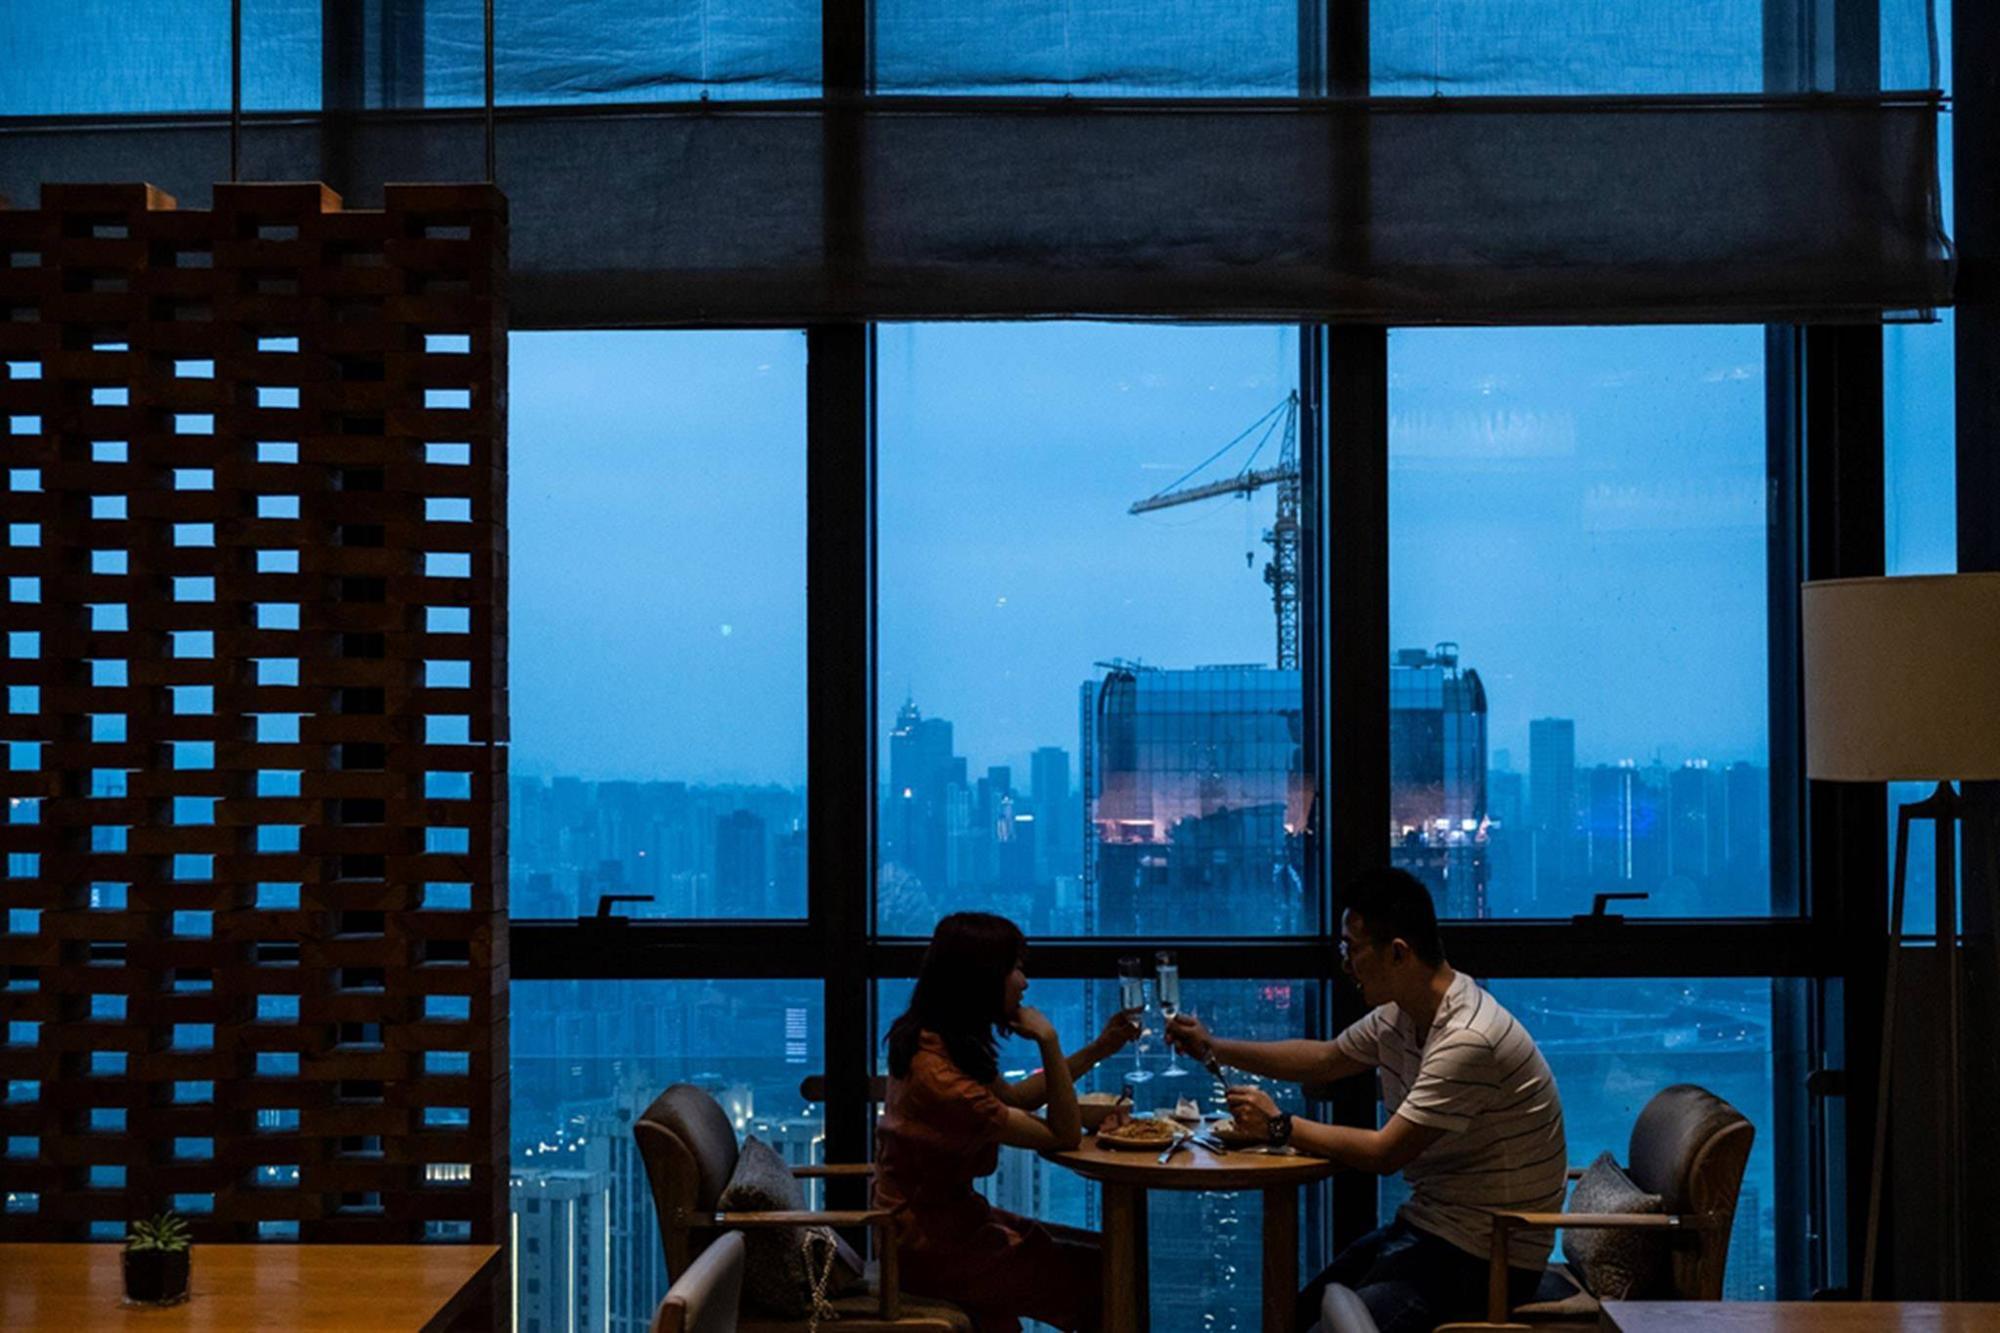 Phụ nữ Trung Quốc bất mãn trước áp lực nghỉ làm, ở nhà sinh con-4